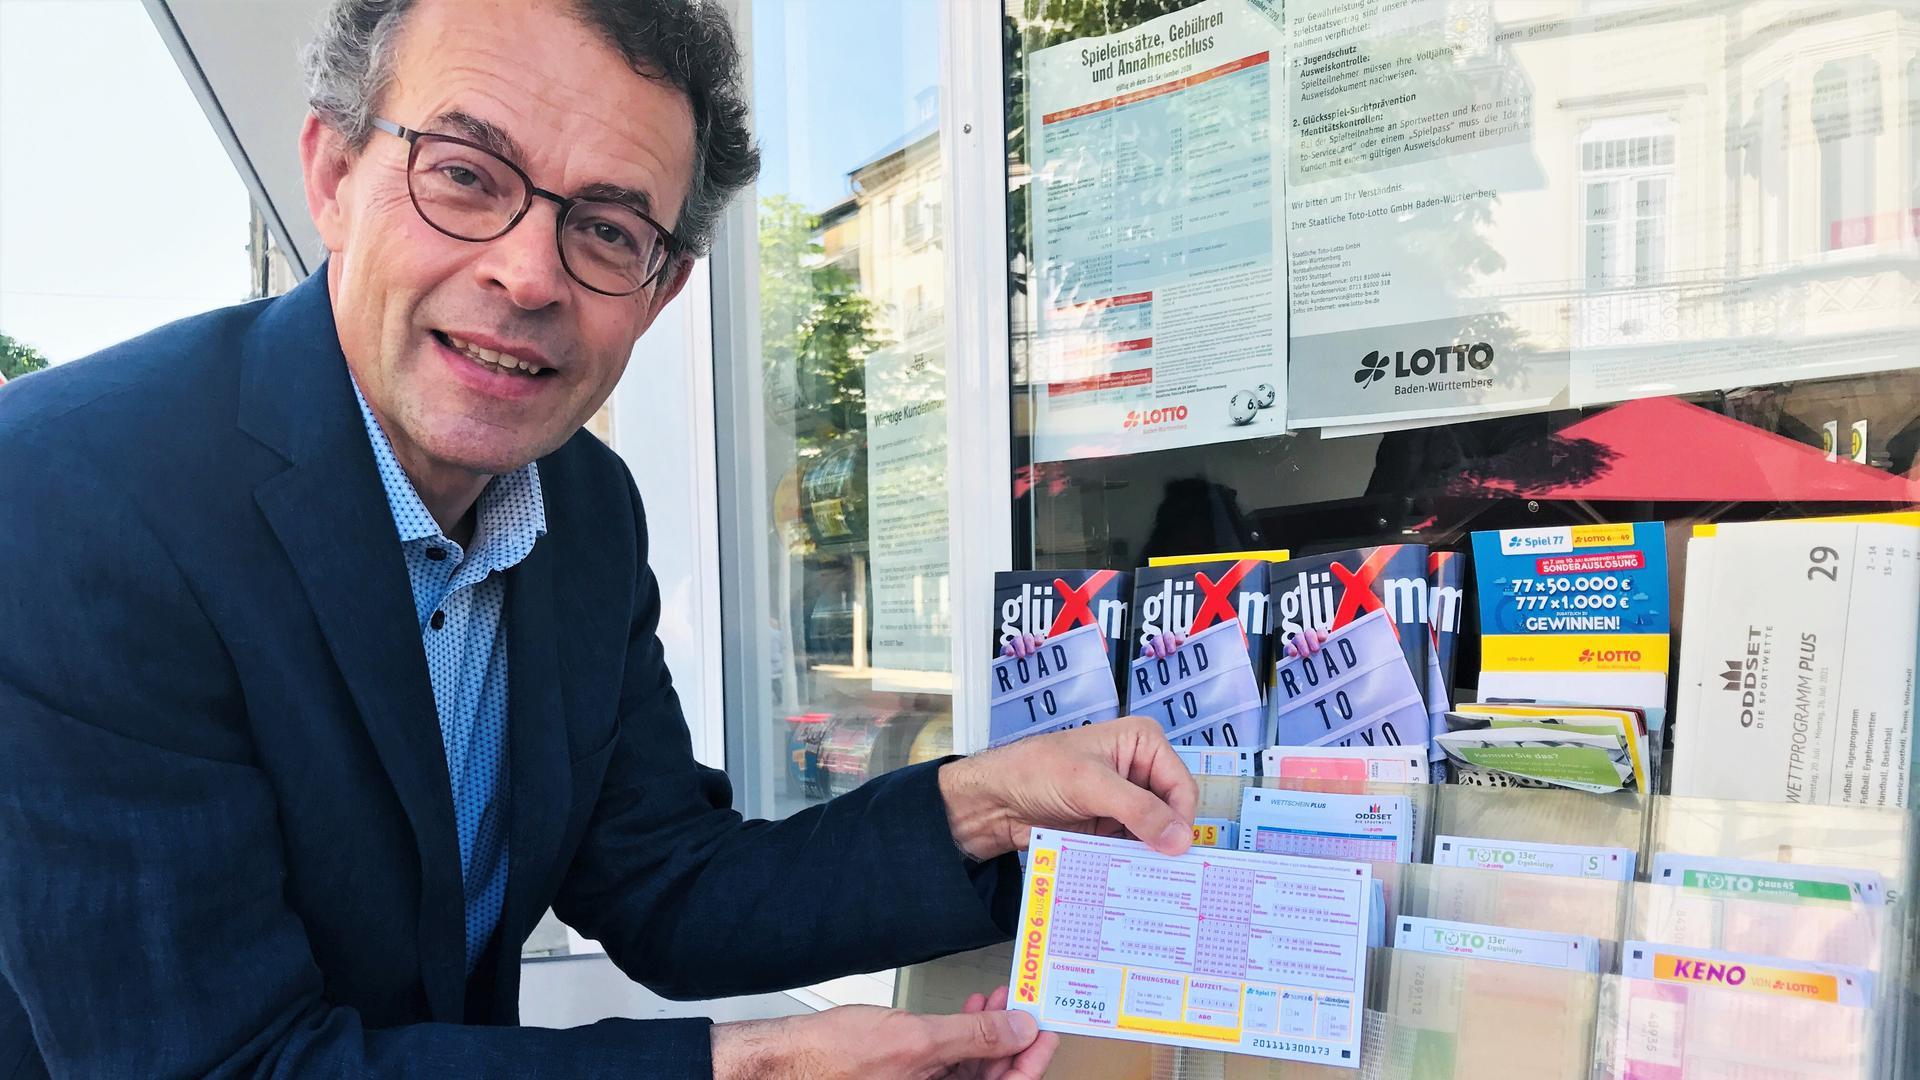 Lotto-Geschäftsführer Georg Wacker bei einer Visite der Annahmestelle am Kiosk am Leopoldsplatz in Baden-Baden.